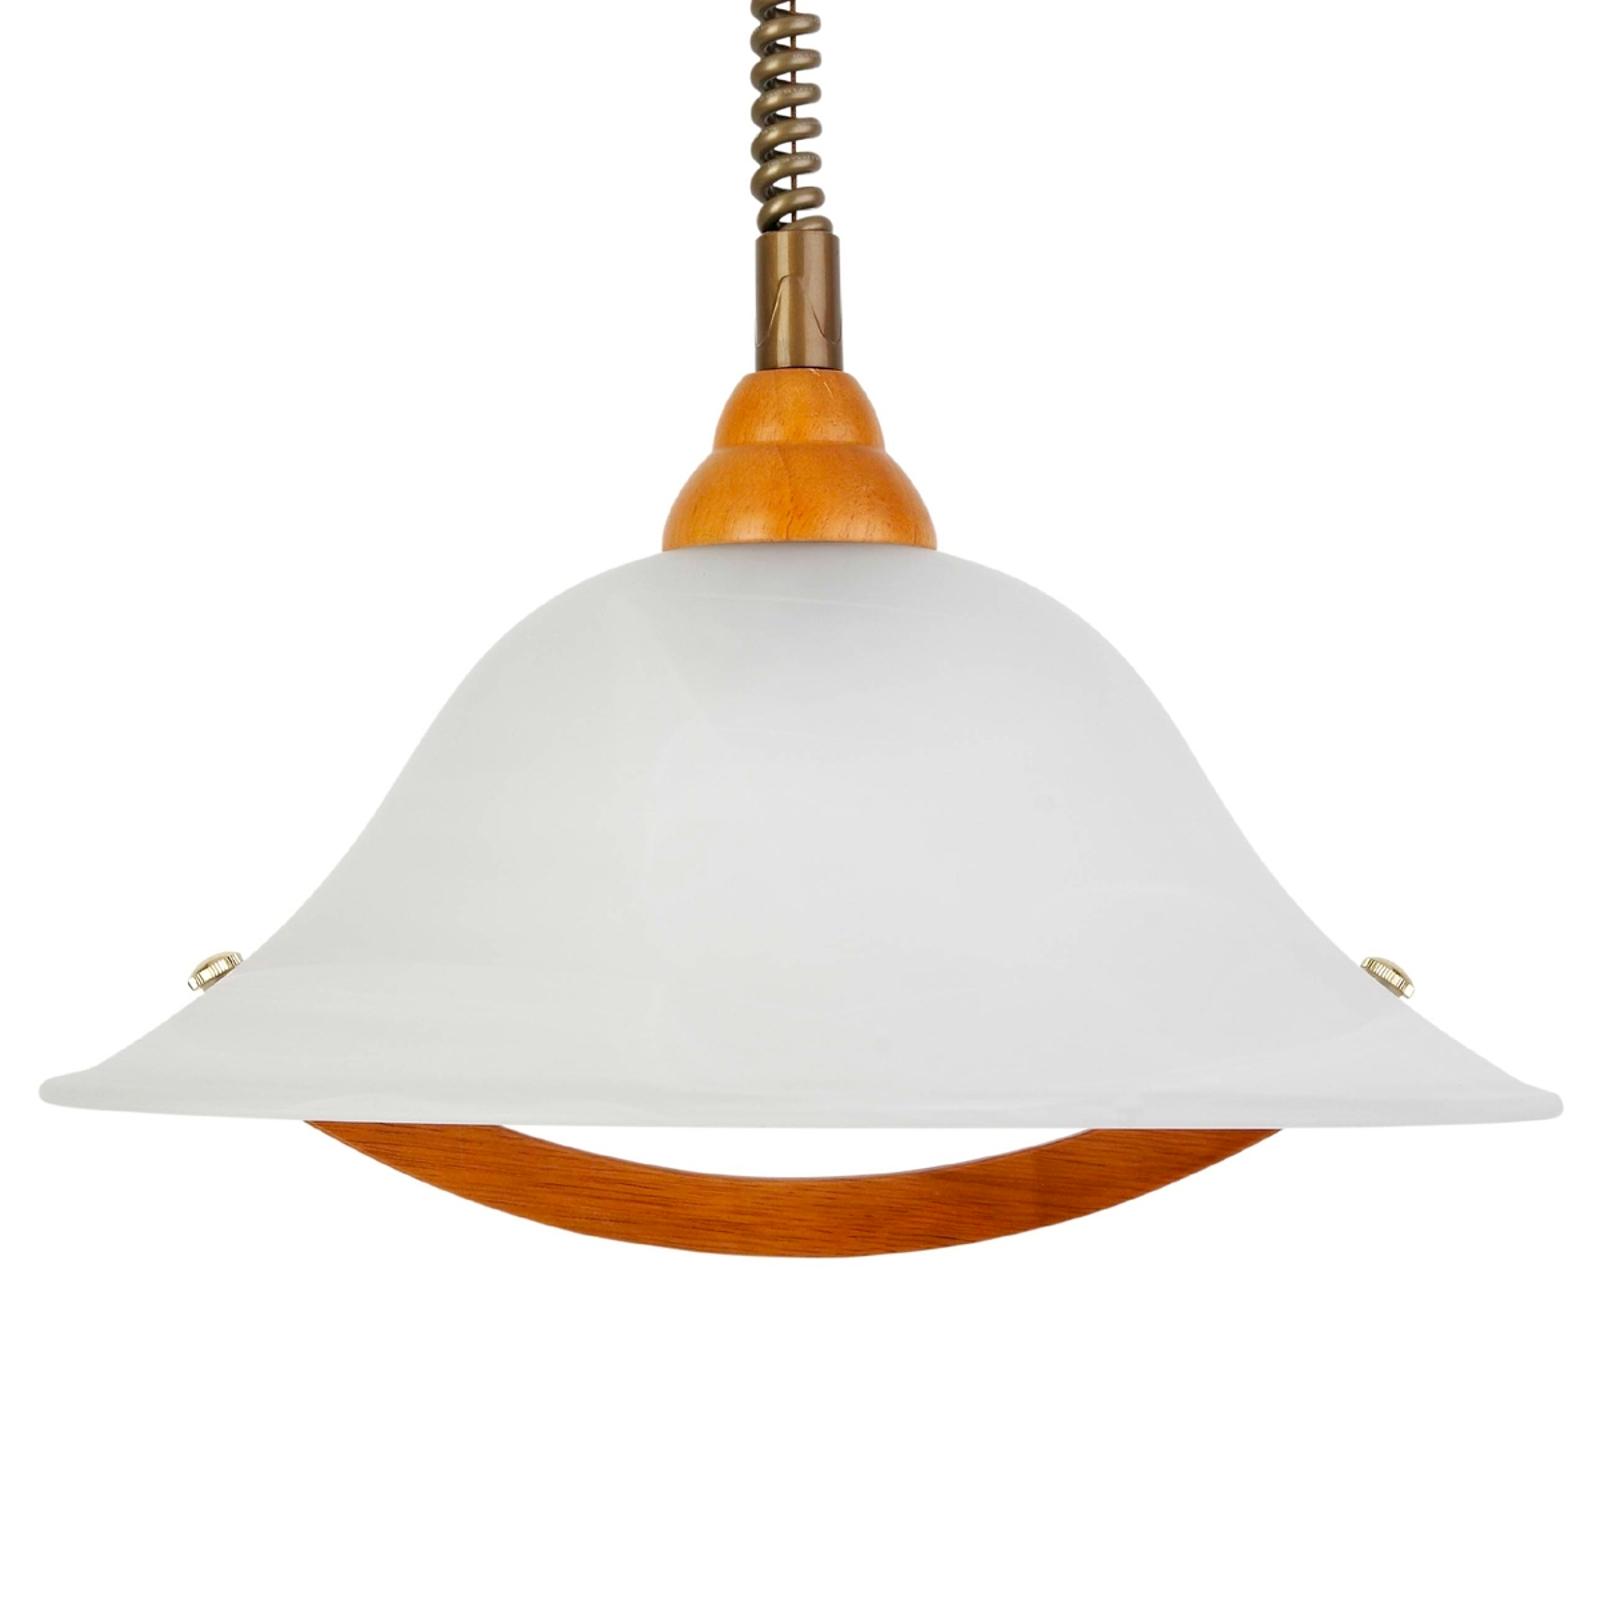 Závesná lampa Torbole_1508231_1